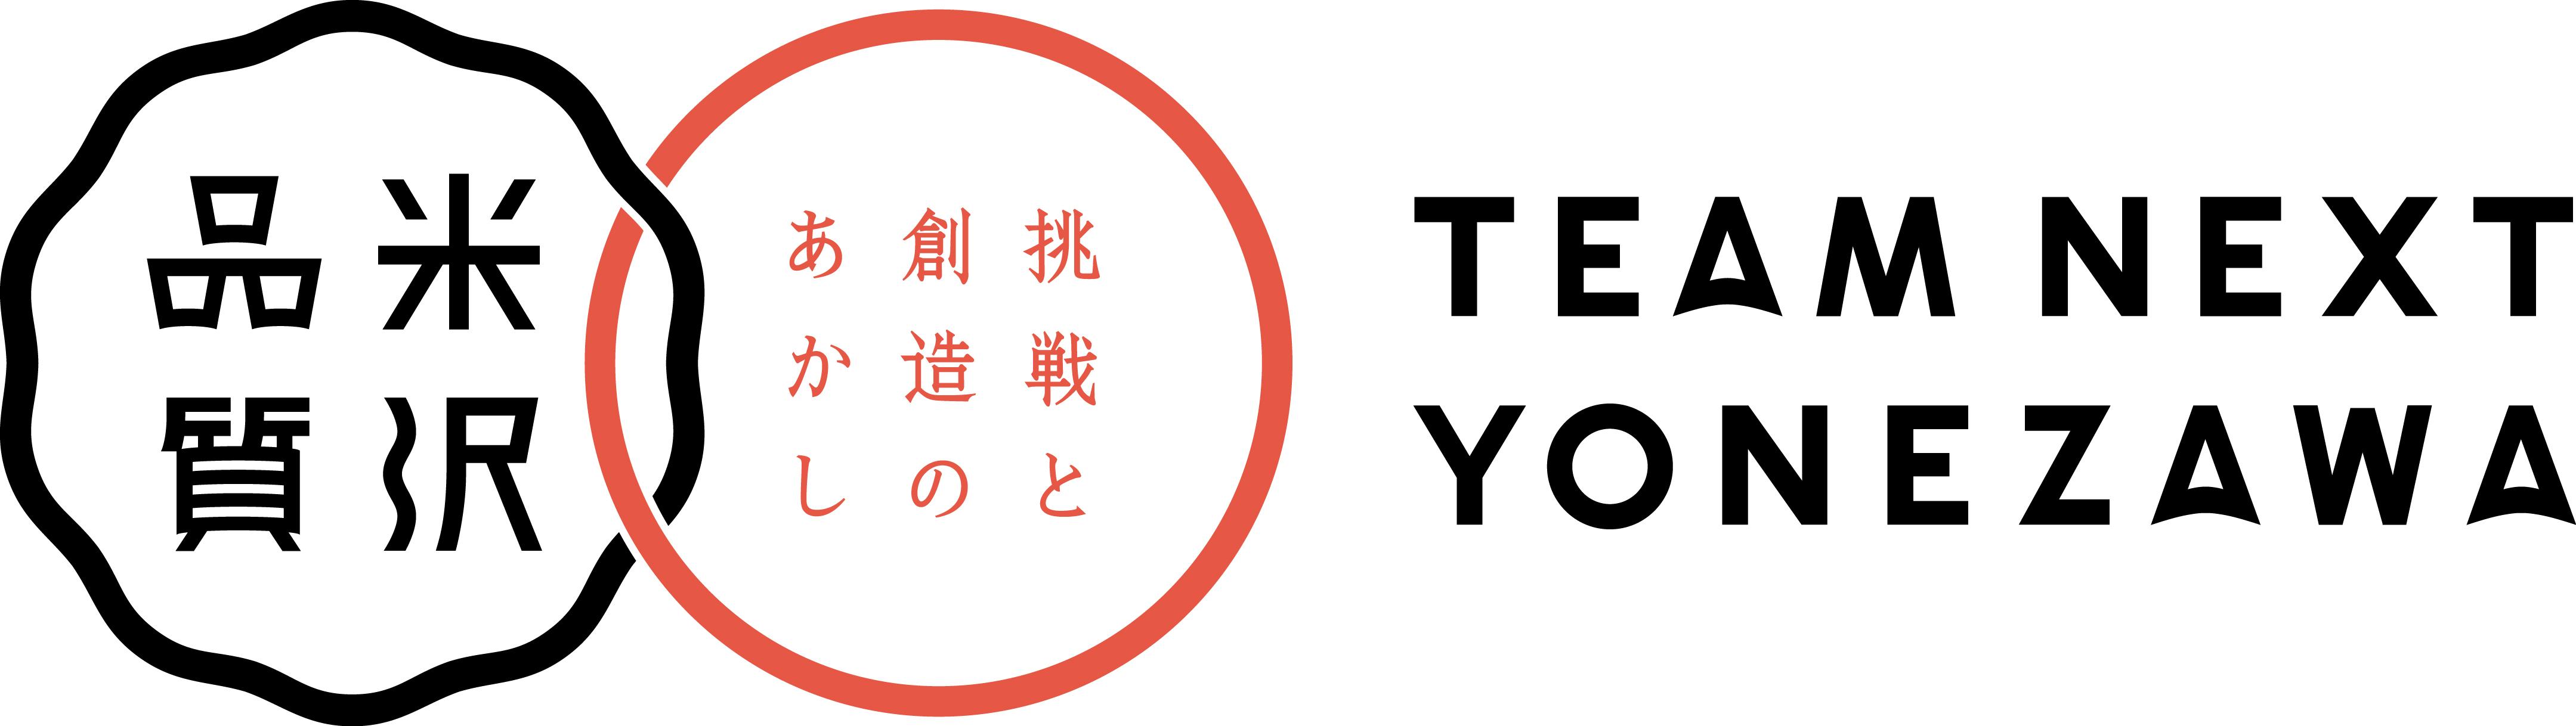 TEAM NEXT YONEZAWA